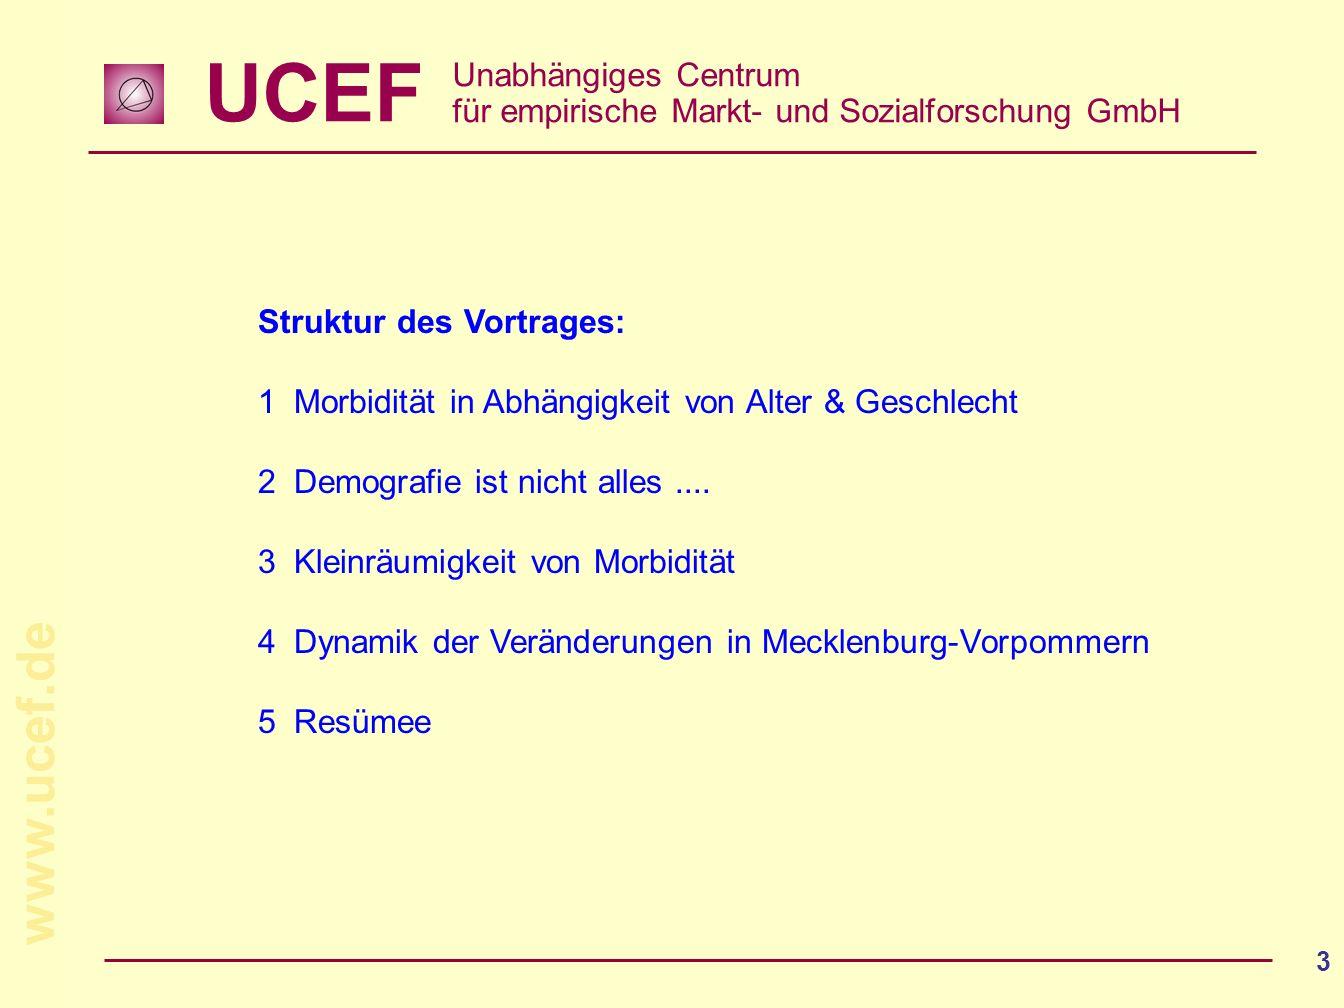 UCEF Unabhängiges Centrum für empirische Markt- und Sozialforschung GmbH www.ucef.de 3 Struktur des Vortrages: 1Morbidität in Abhängigkeit von Alter &